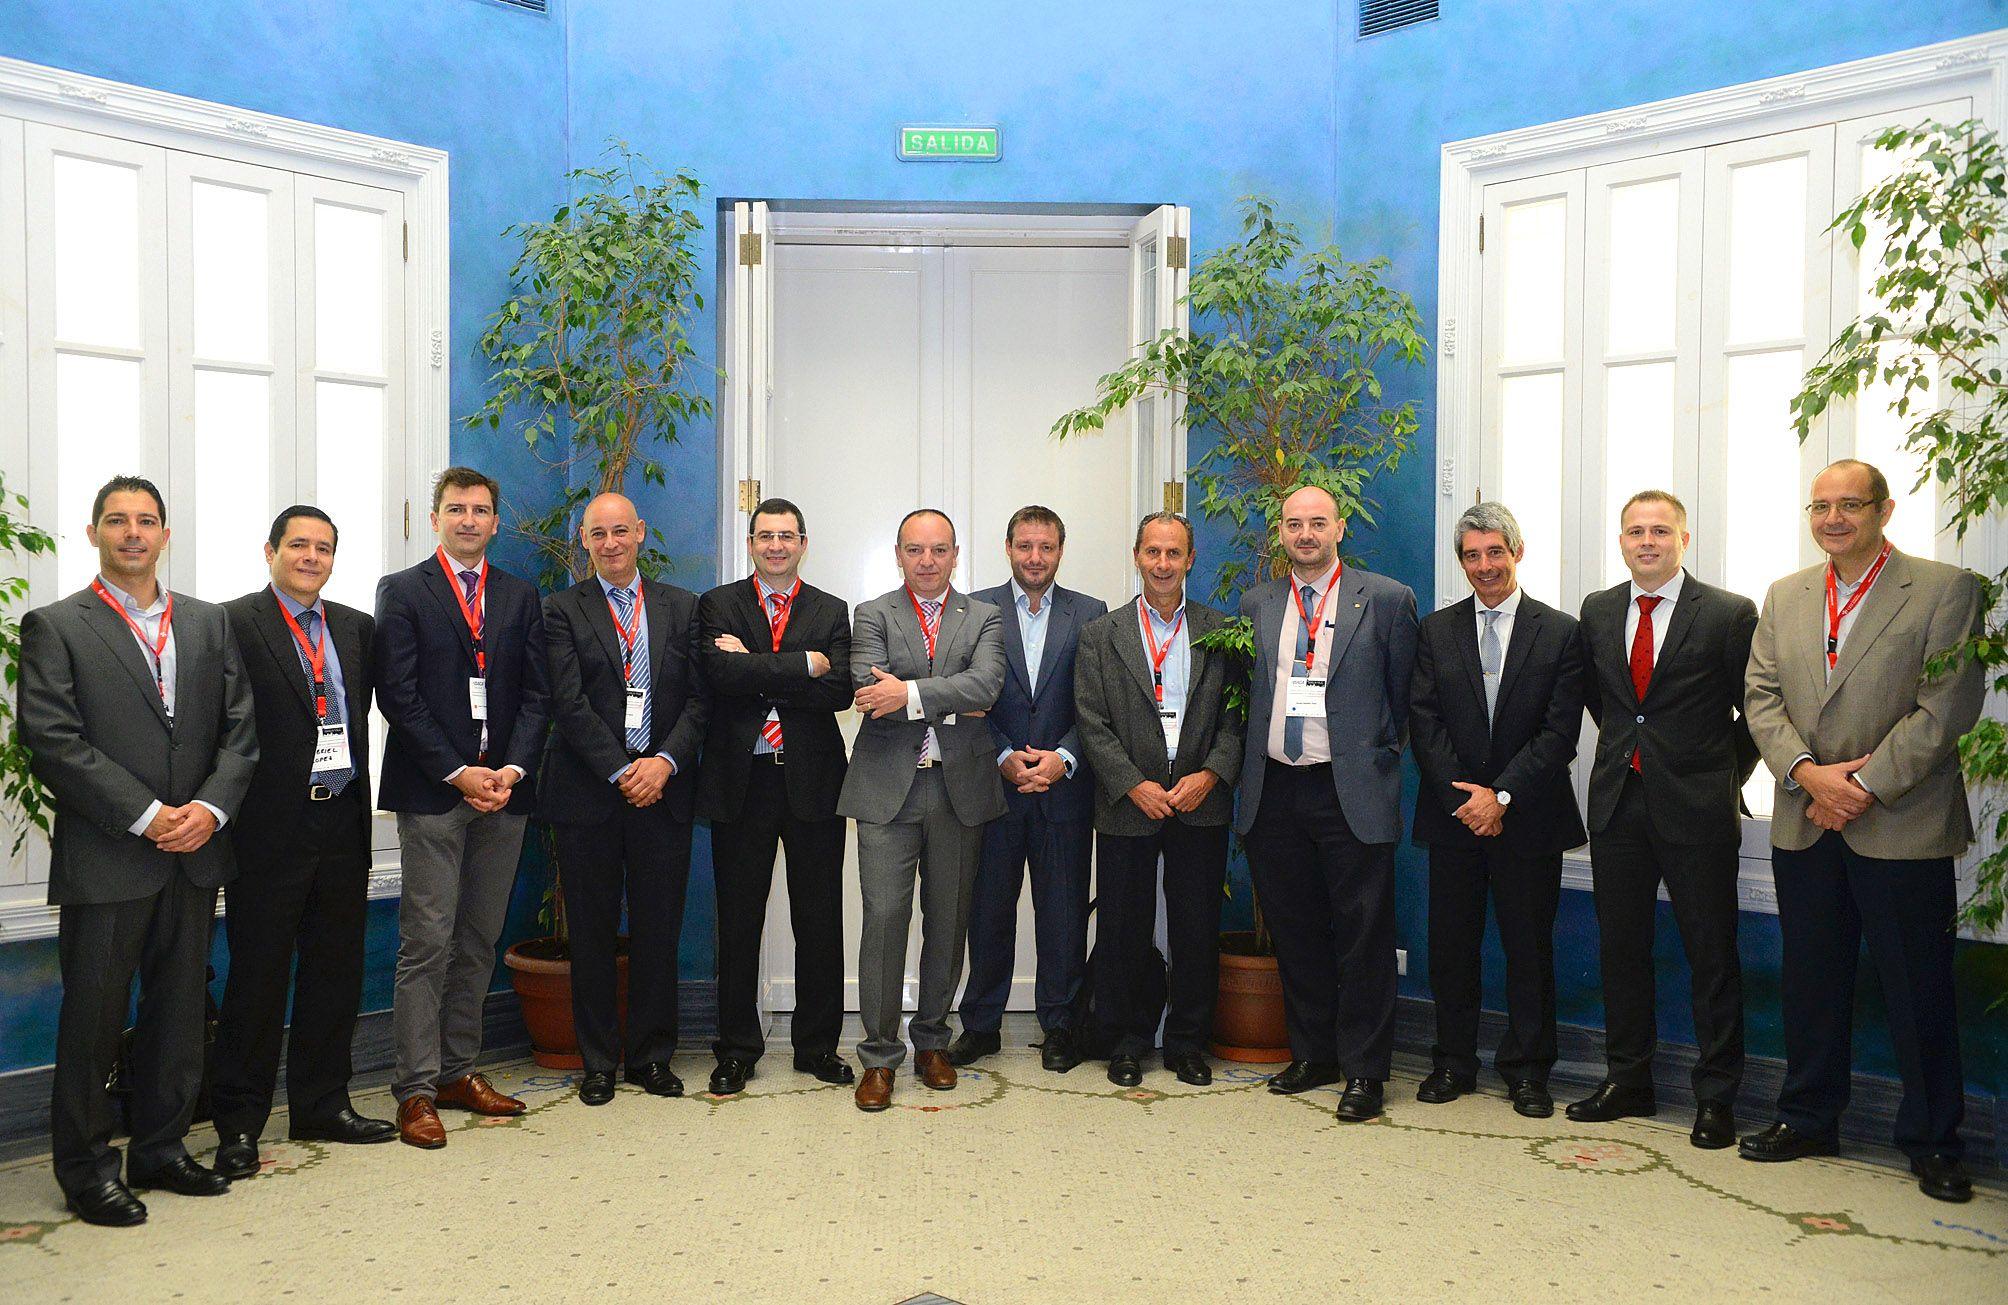 Los ponentes de la segunda jornada del Congreso, en el Palacio de Colomina, sede de la CEU-UCH en Valencia.